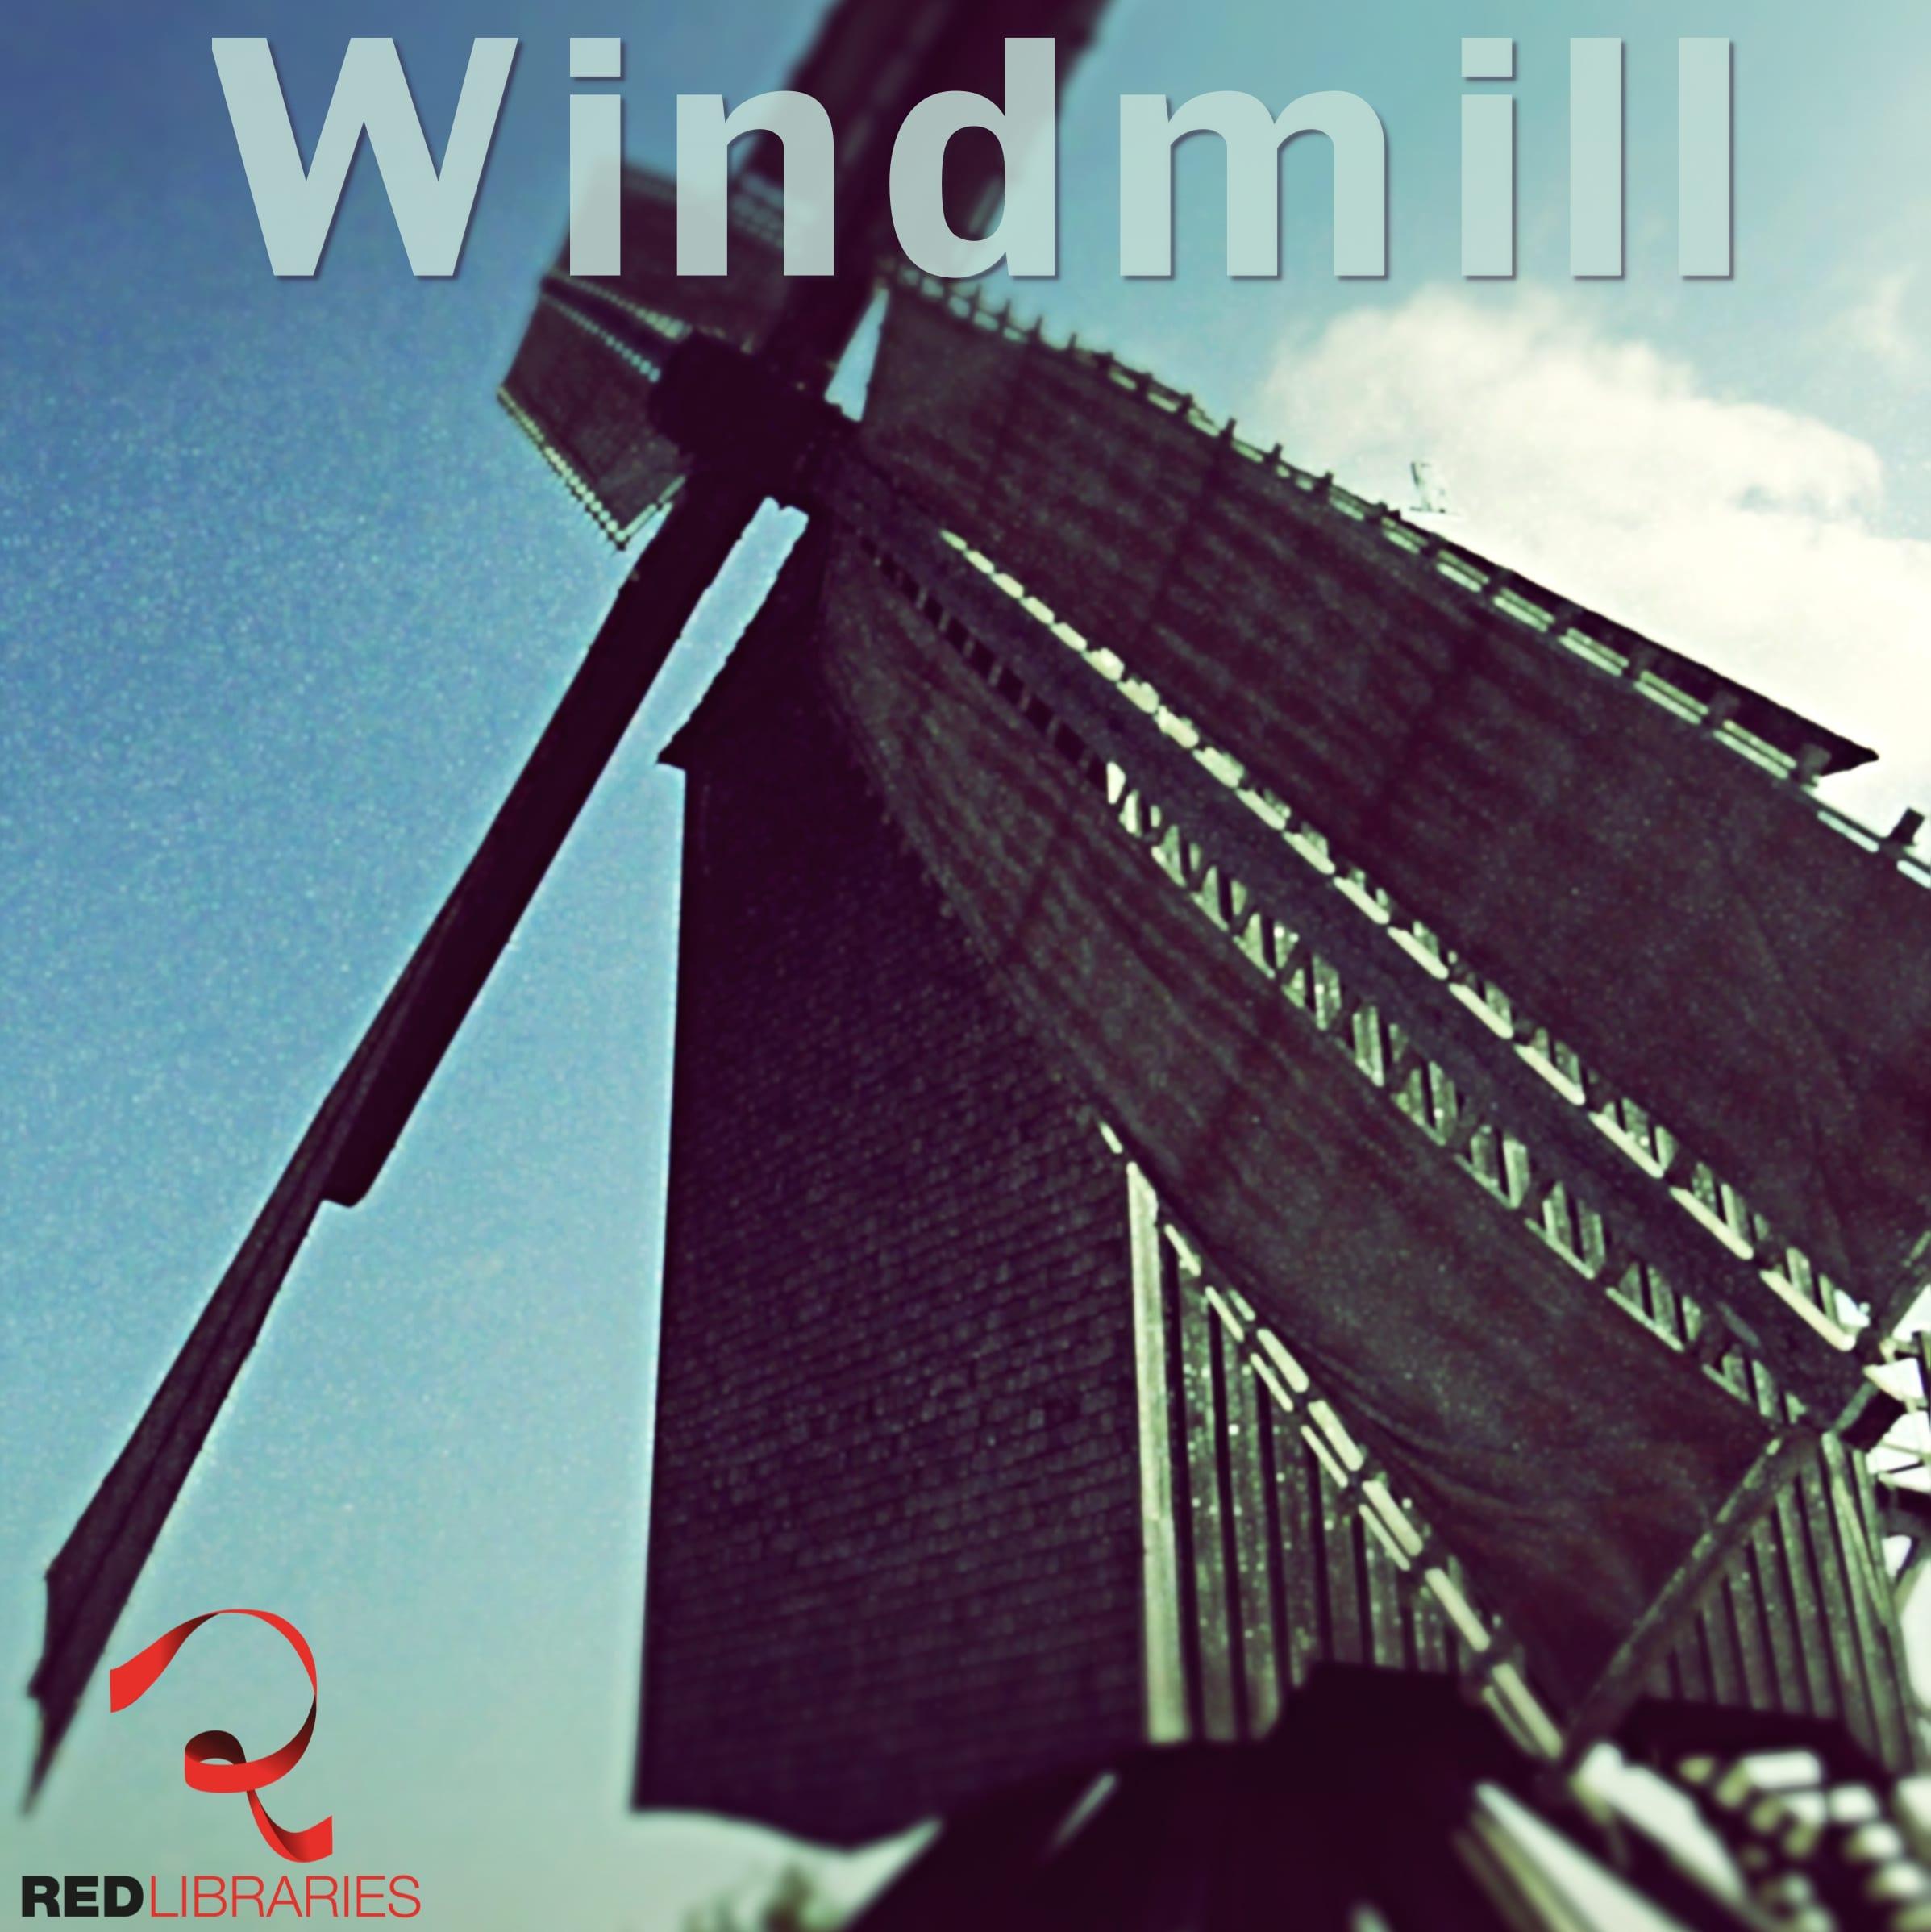 WMill-02-Small-Carre-Txt